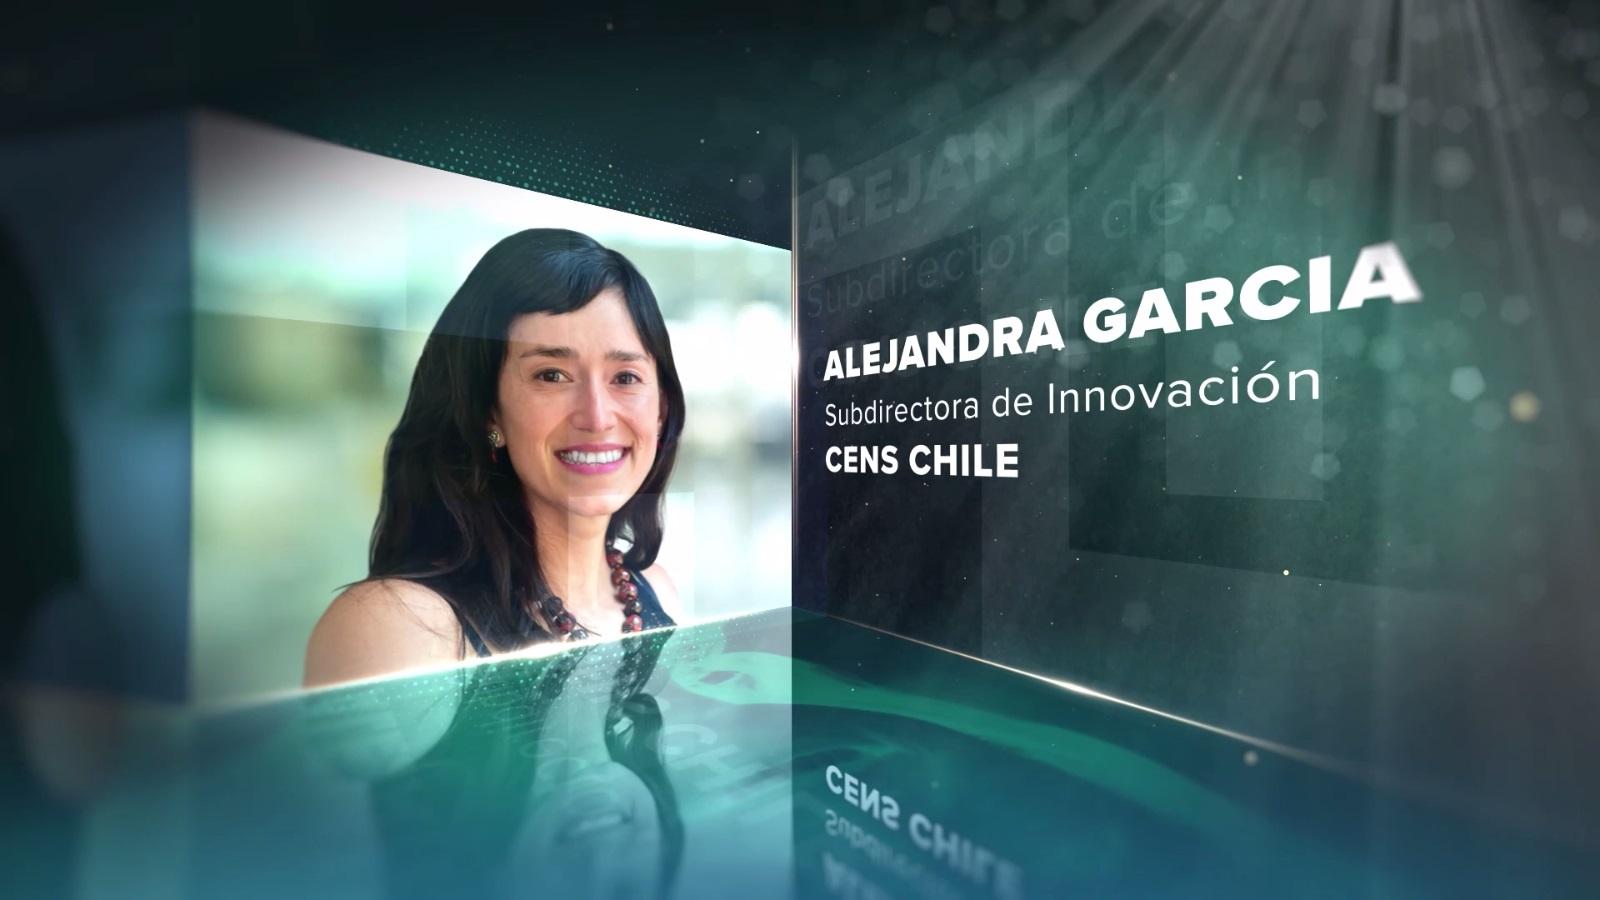 EVENTO 4.6 - Co-creación público, privada y academia para acelerar la transformación en instituciones de salud - ALEJANDRA GARCIA - CENS